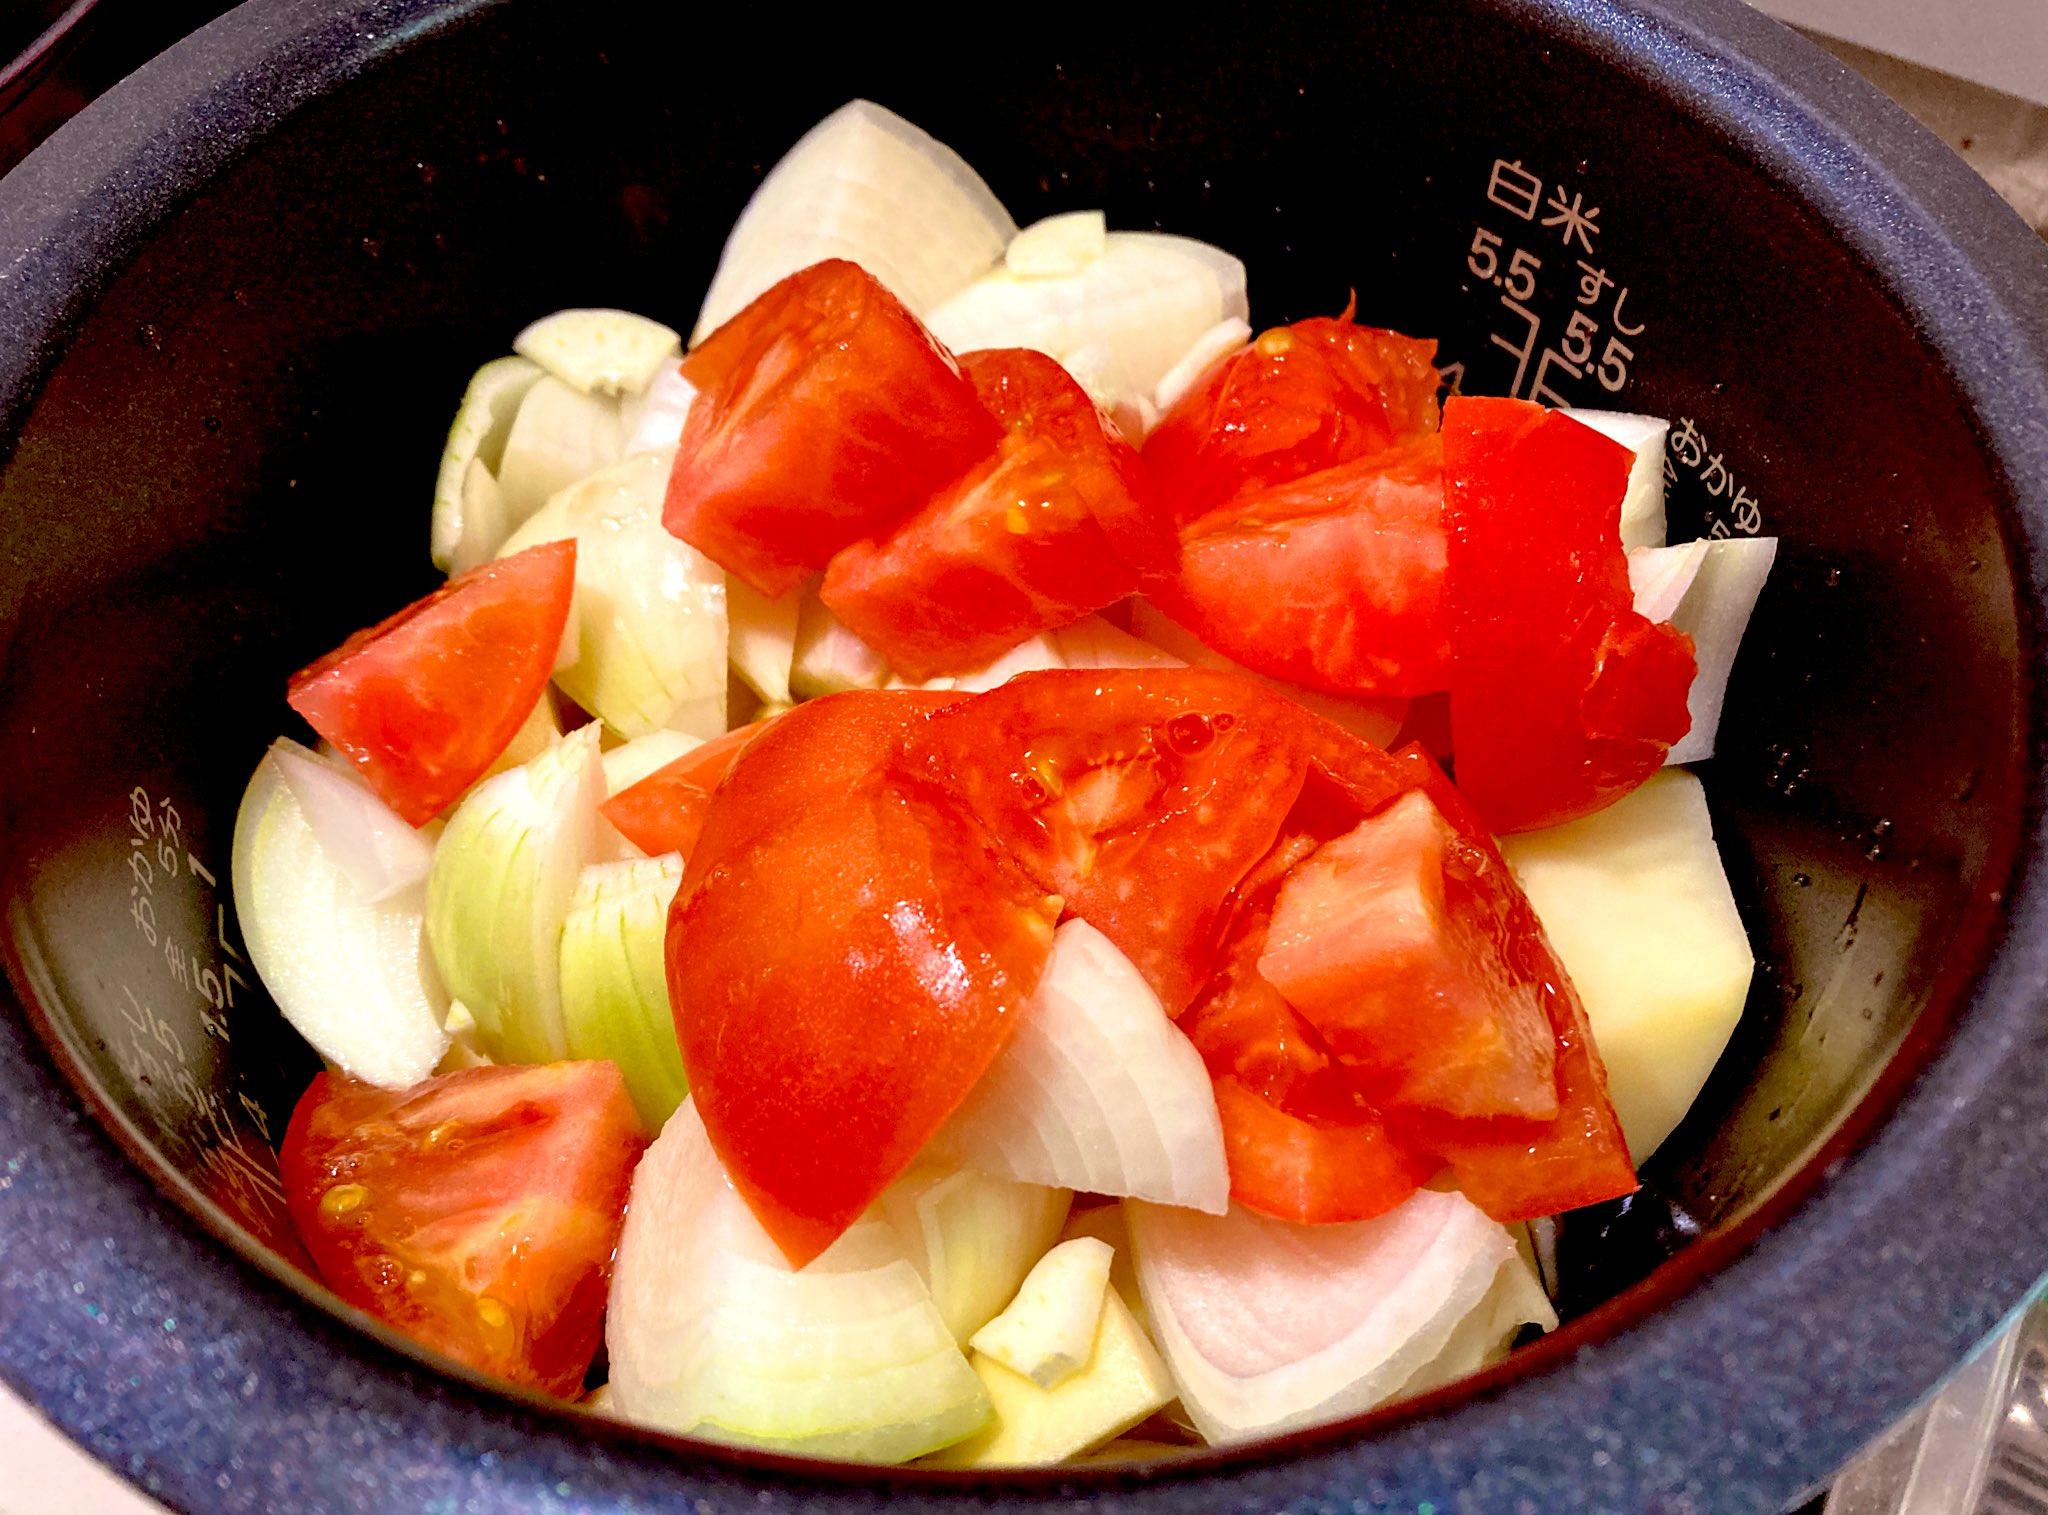 ジャガイモ・ニンニク・たまねぎ・トマト・鶏肉の順で炊飯器に入れる